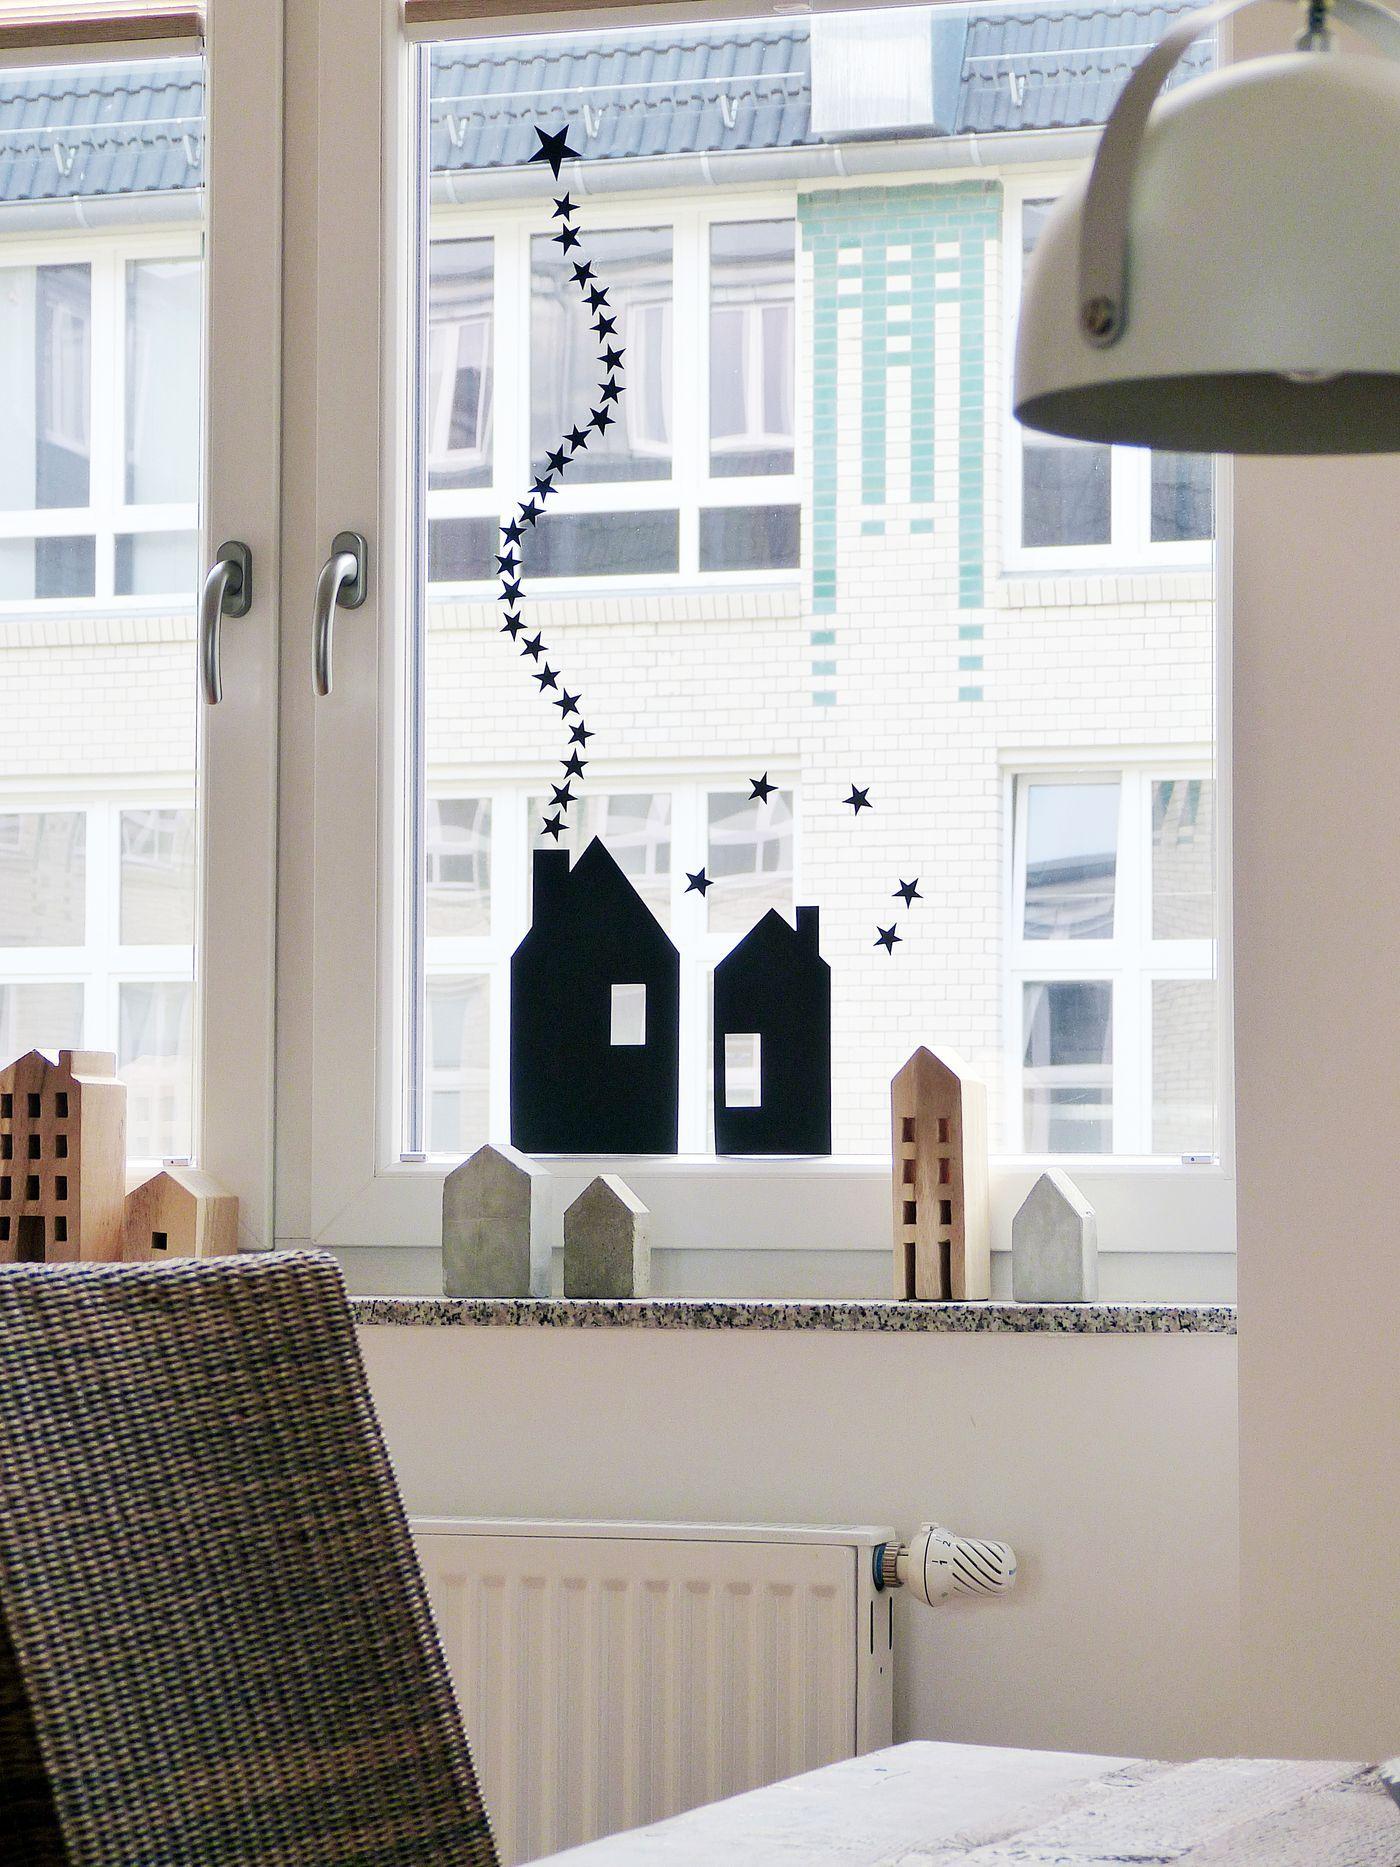 Fensterdeko Schne Ideen zum Dekorieren